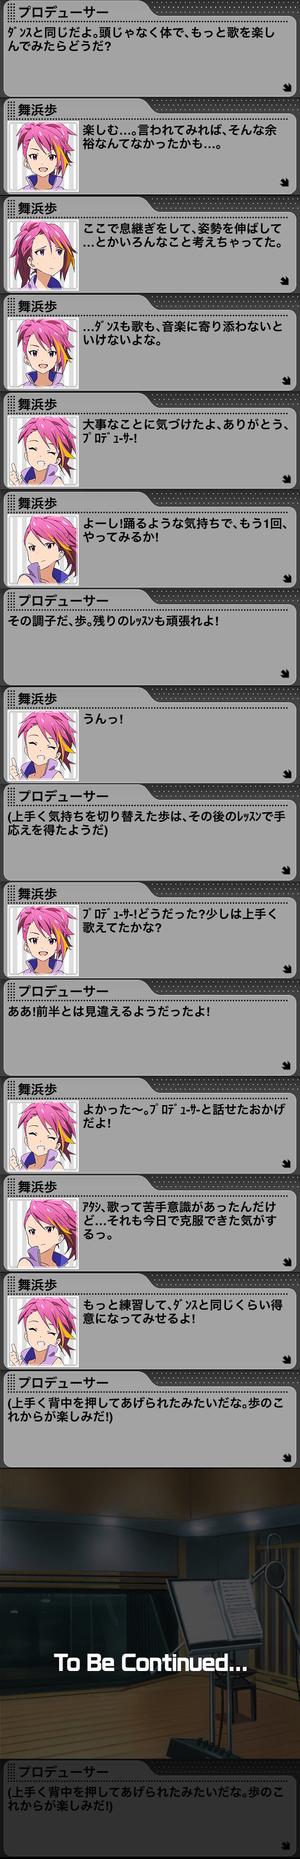 舞浜歩アイドルストーリーLv5_3